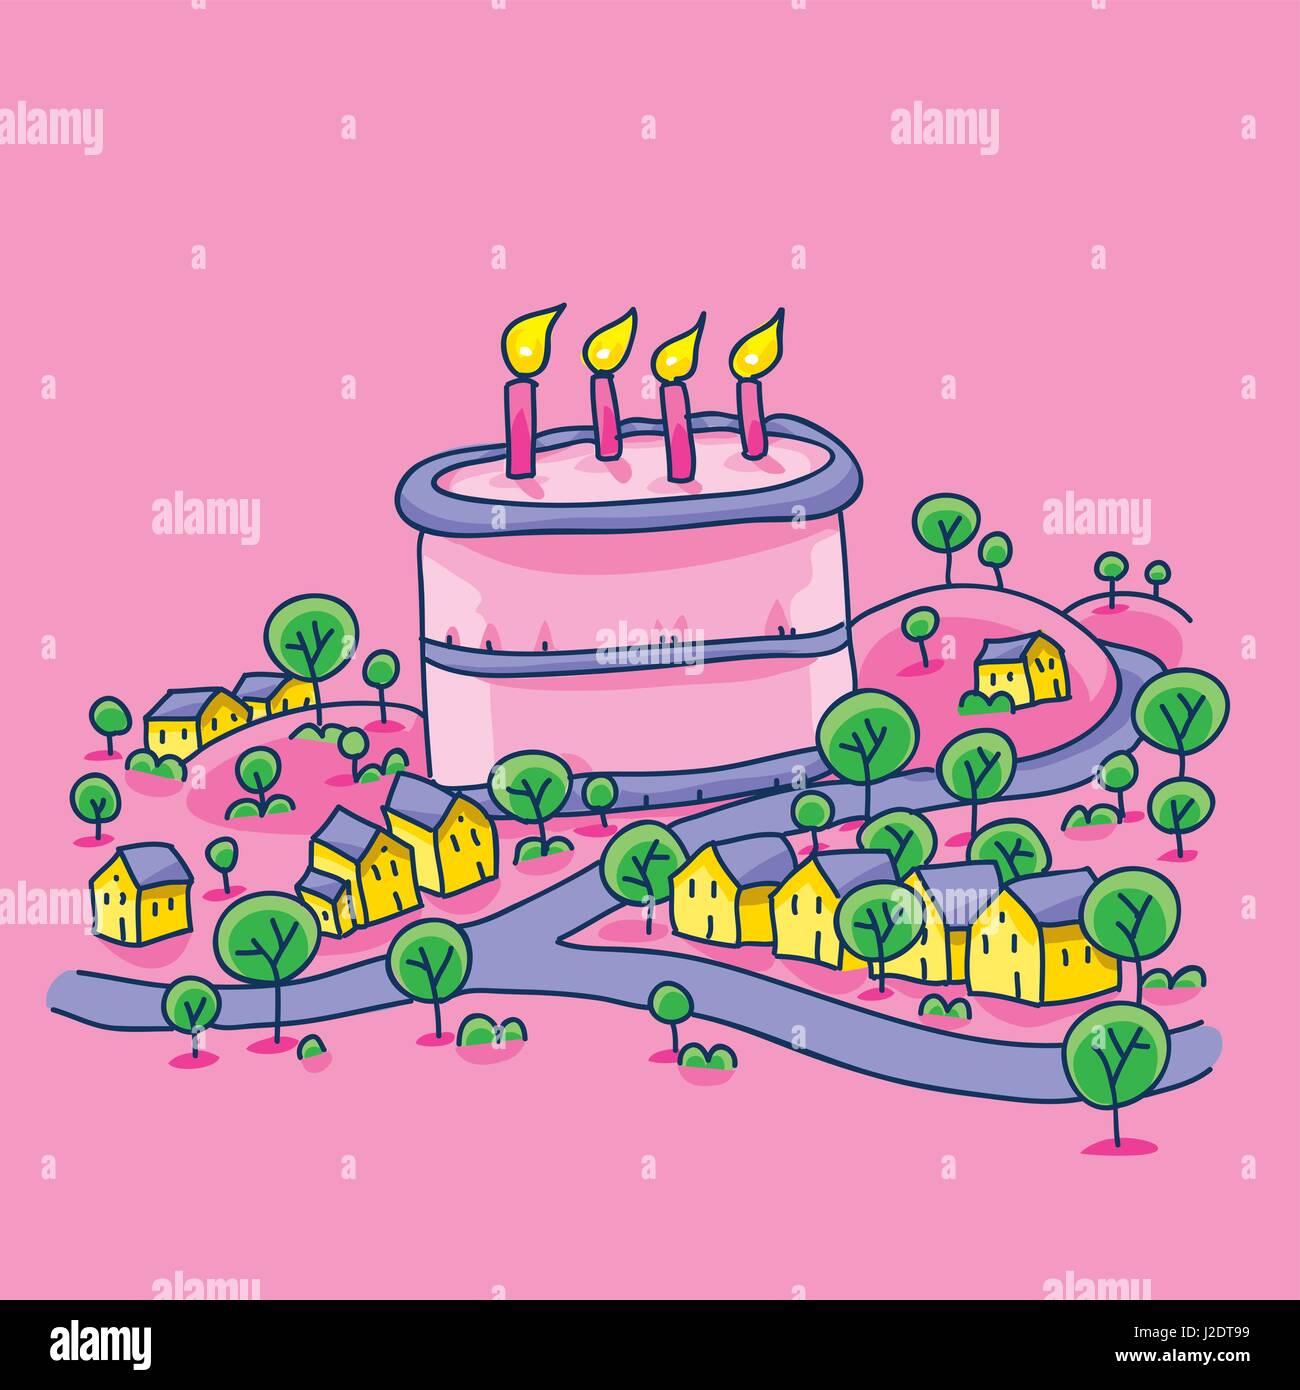 Giant Birthday Cake Stock Photos & Giant Birthday Cake Stock Images ...